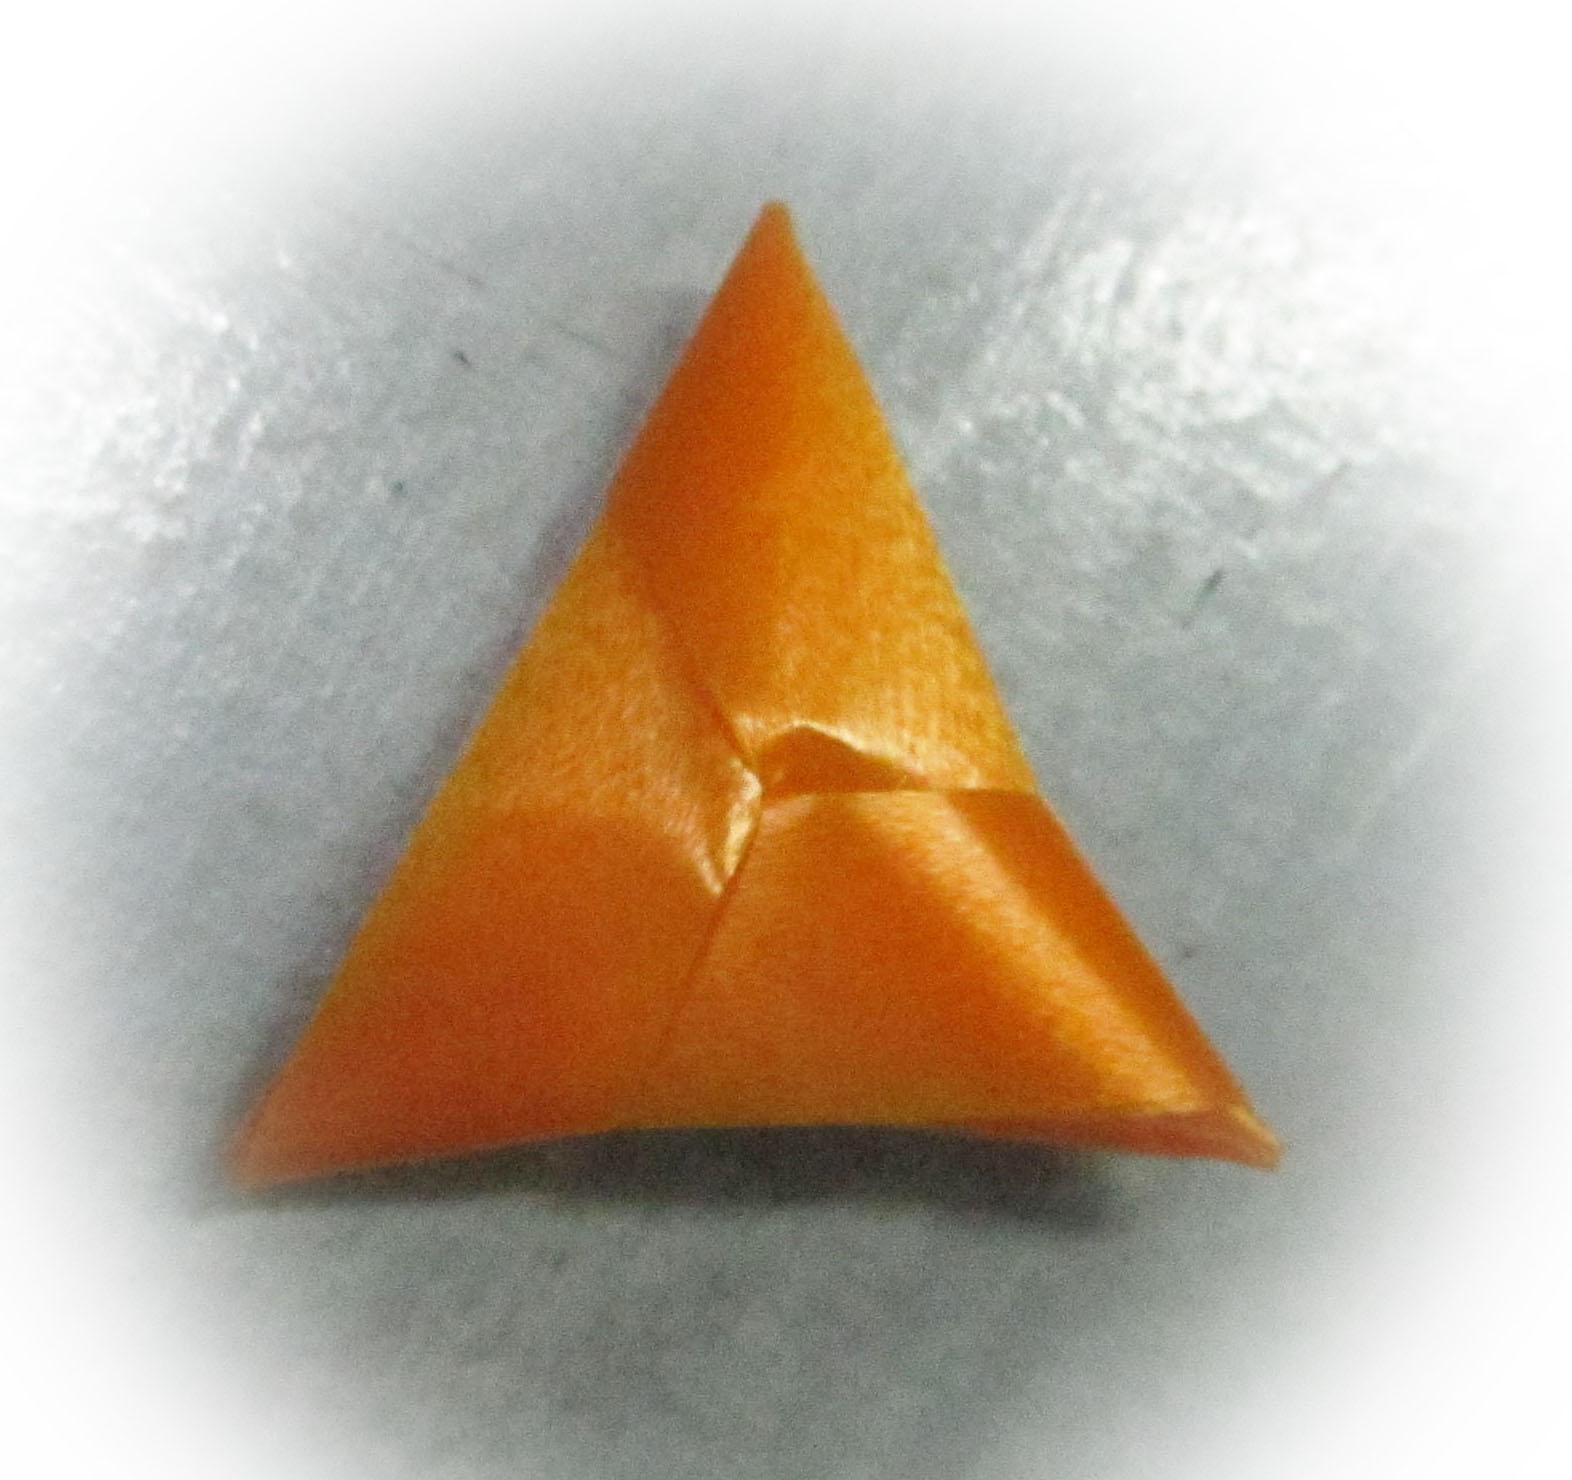 เหรียญโปรยทาน กัลปพฤกษ์ แบบใหม่ ไม่เหมือนใคร สามเหลียม ไตรรัตน์